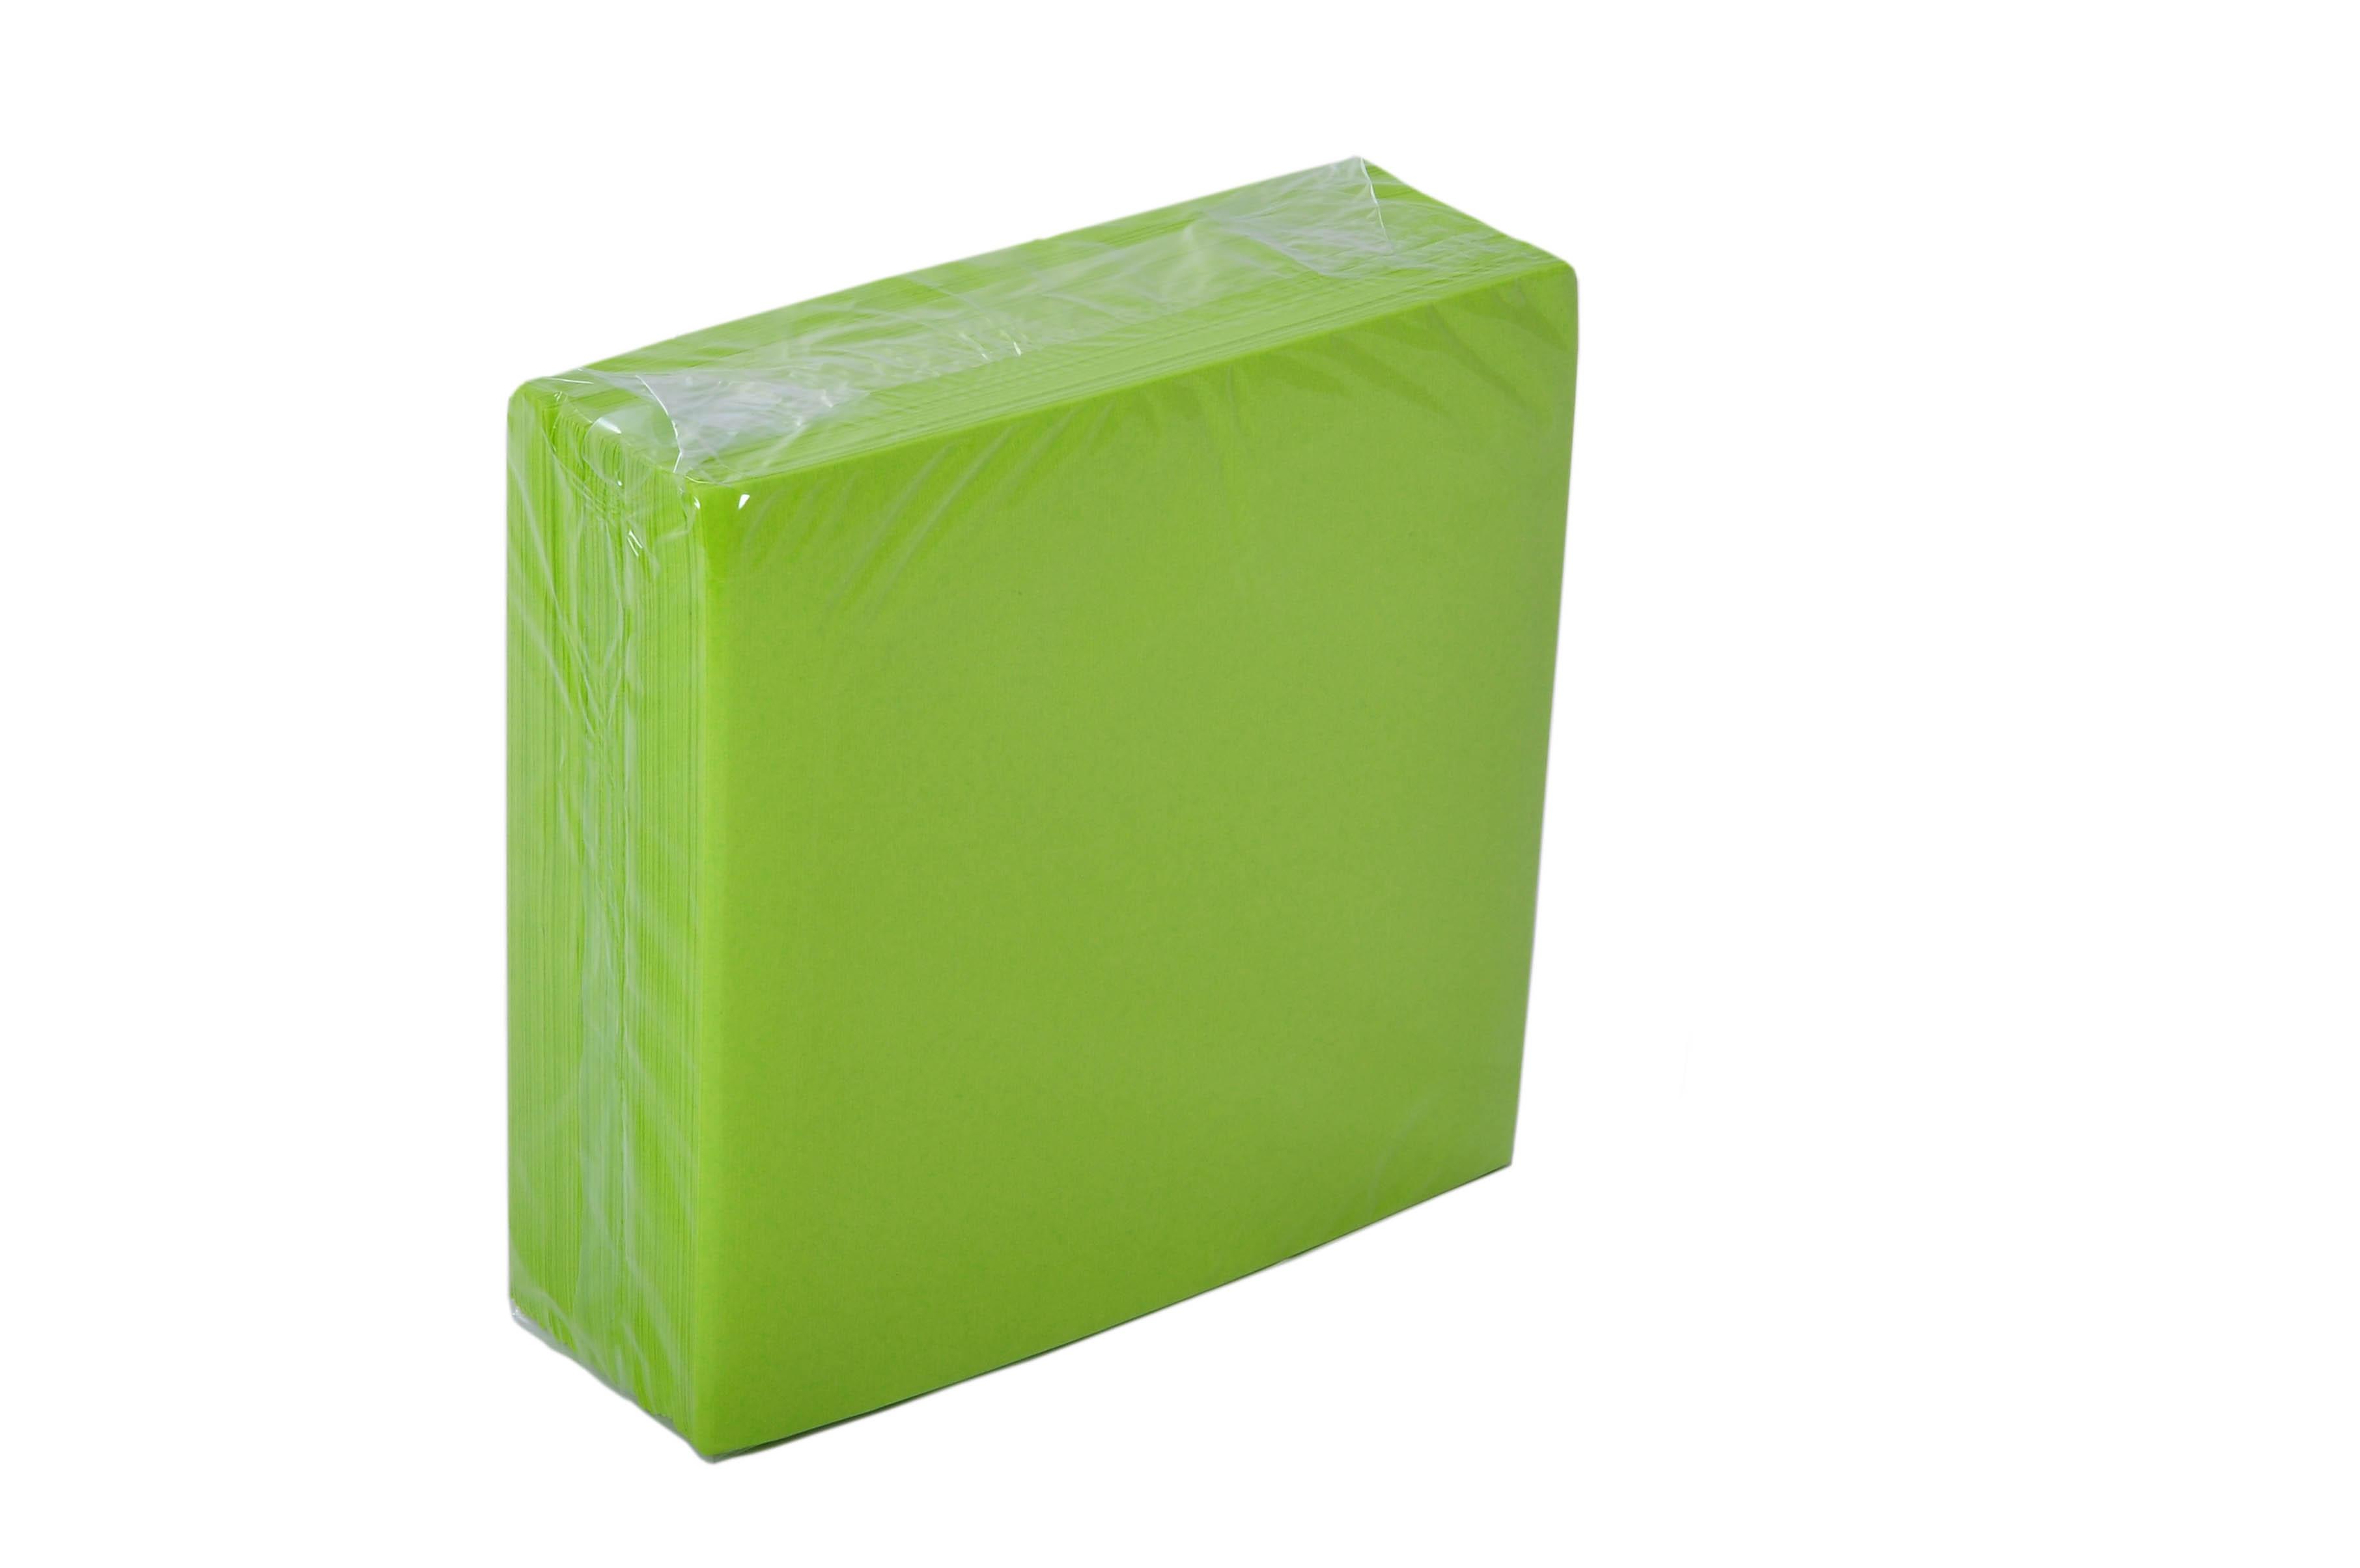 farbige airlaid servietten g nstig kaufen ps. Black Bedroom Furniture Sets. Home Design Ideas